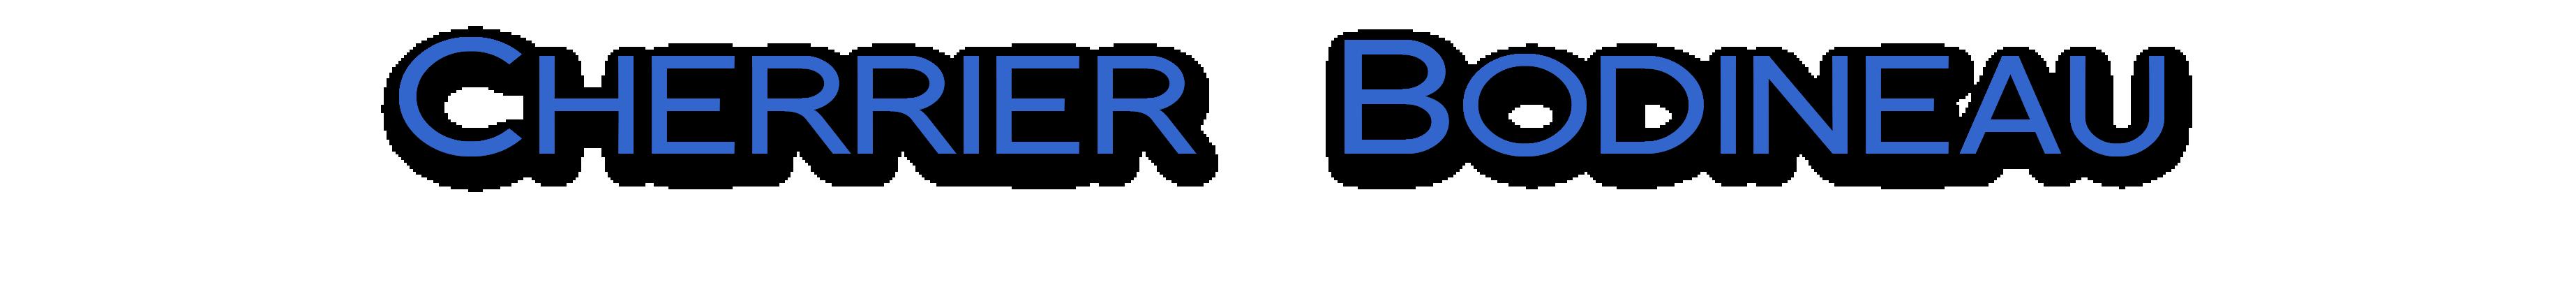 Cabinet d'Avocats Cherrier & Bodineau